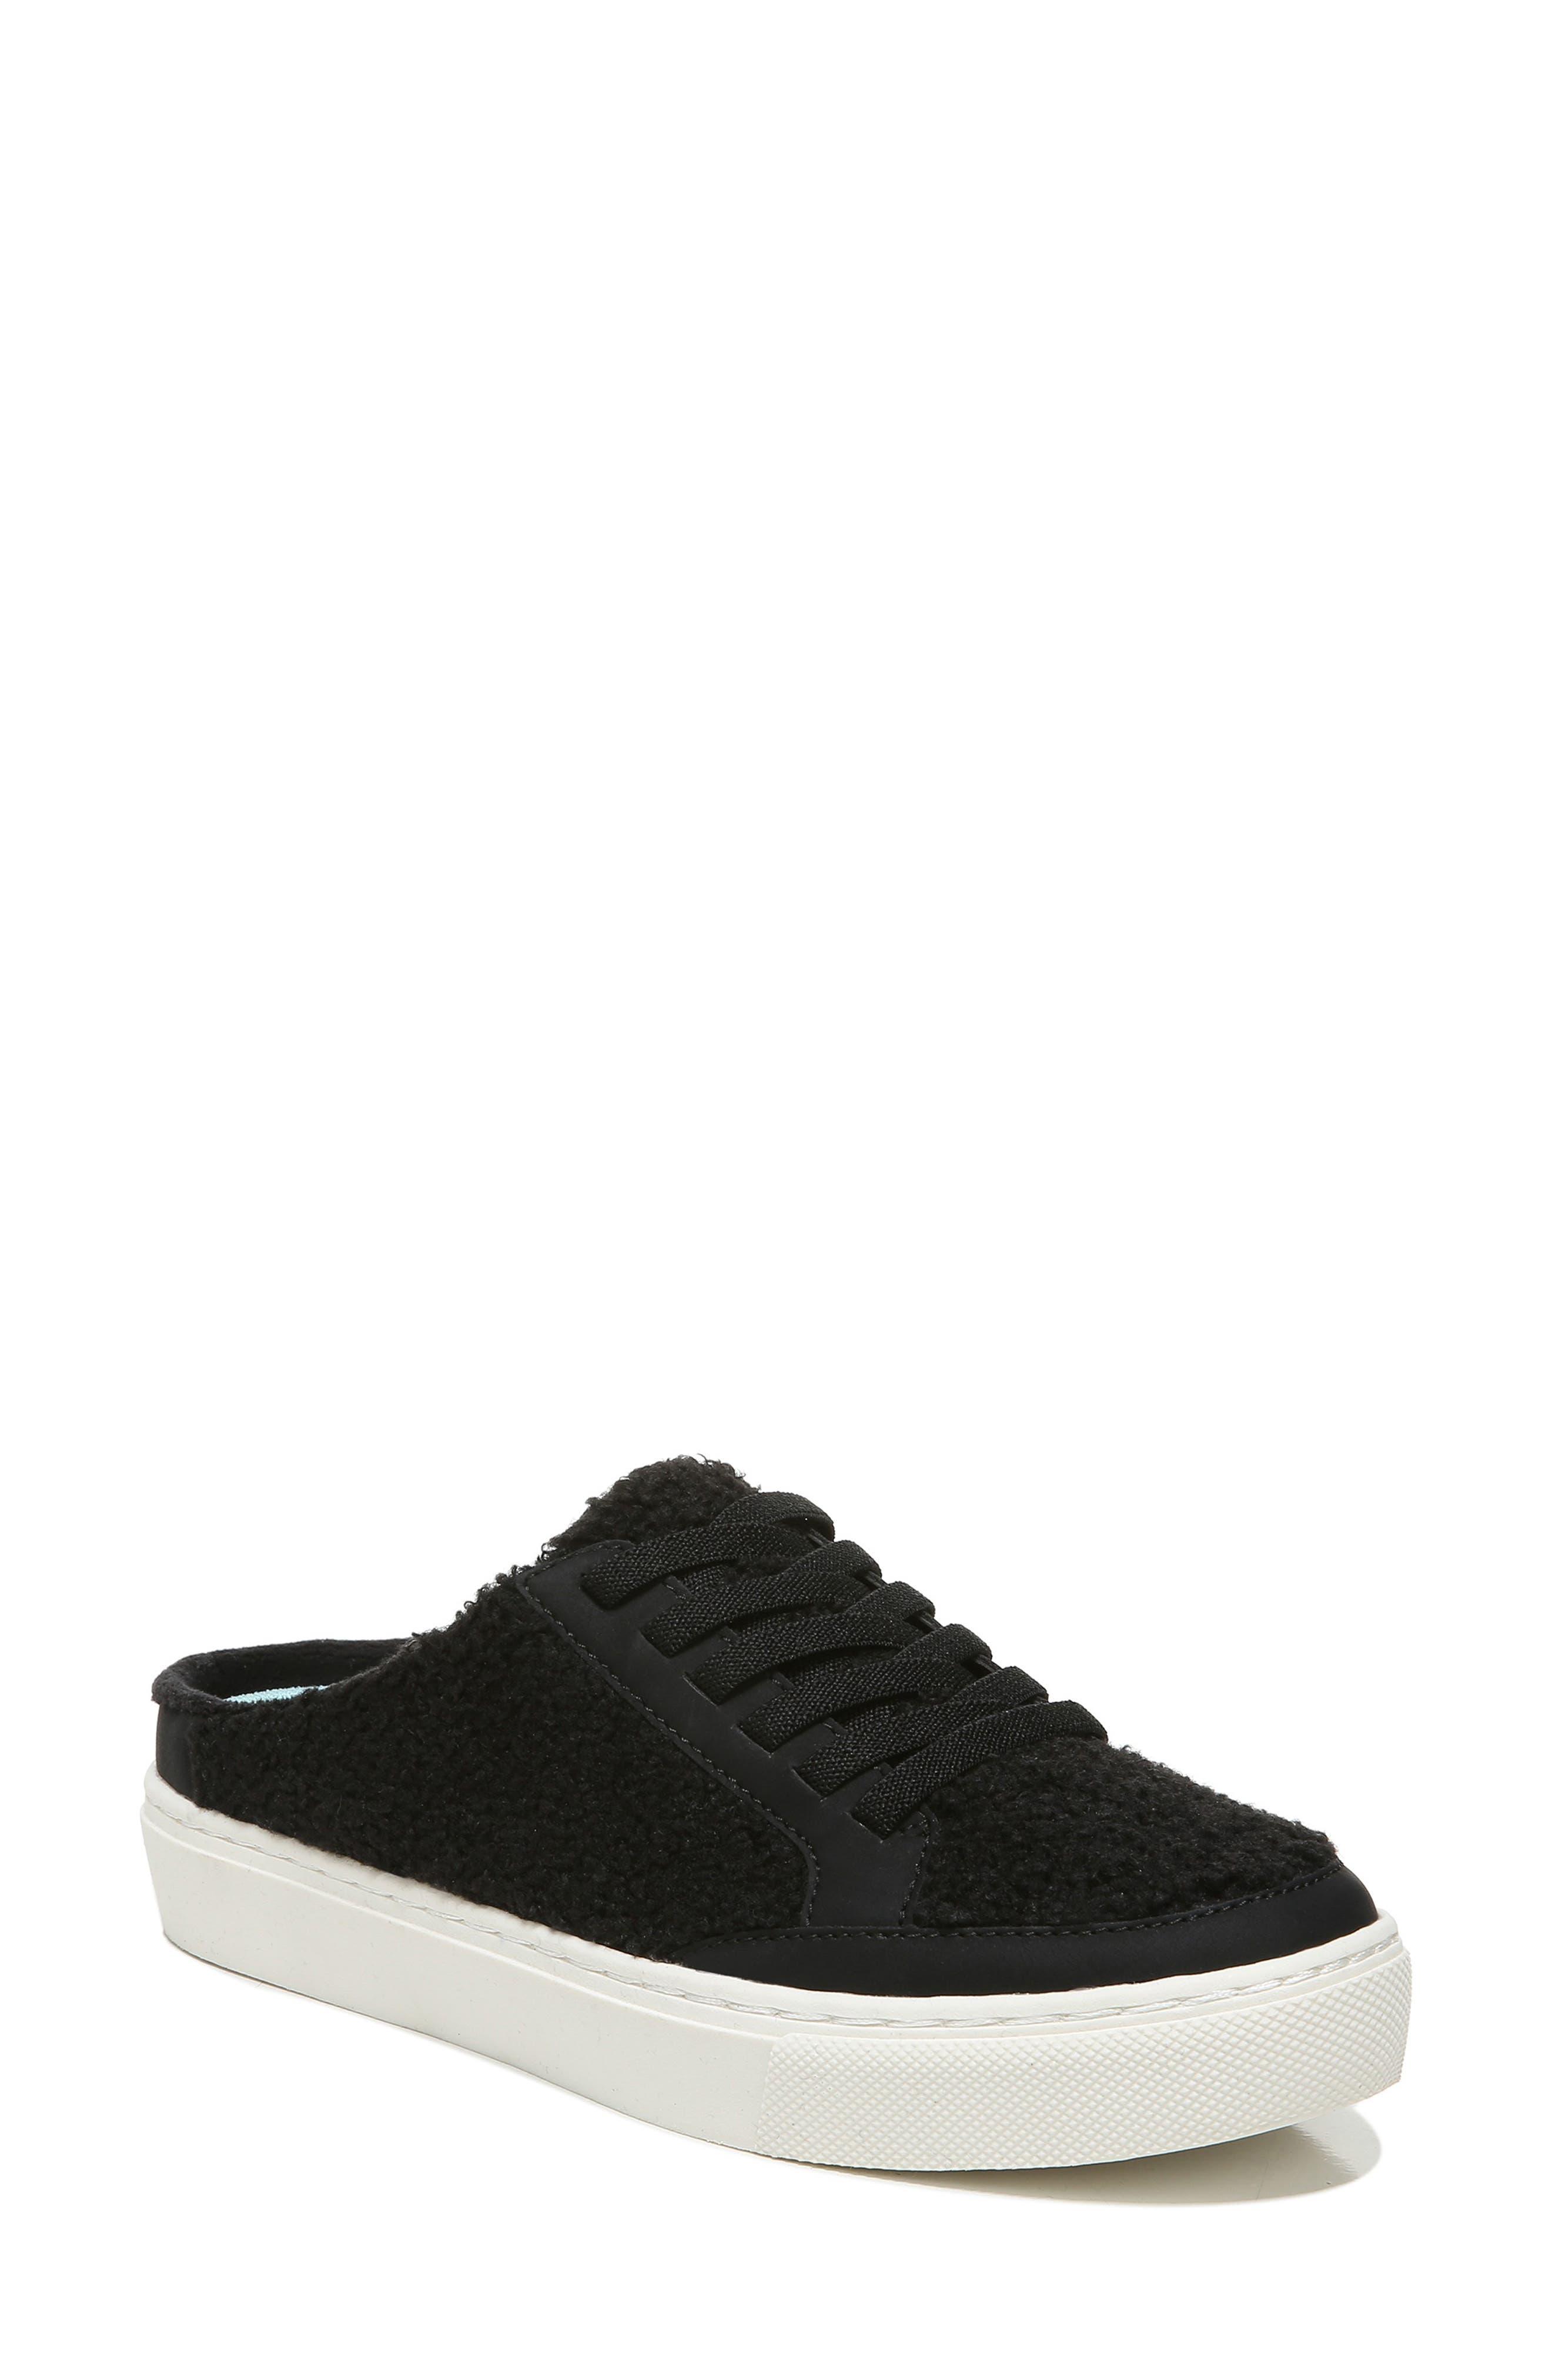 Nbd Mule Sneaker